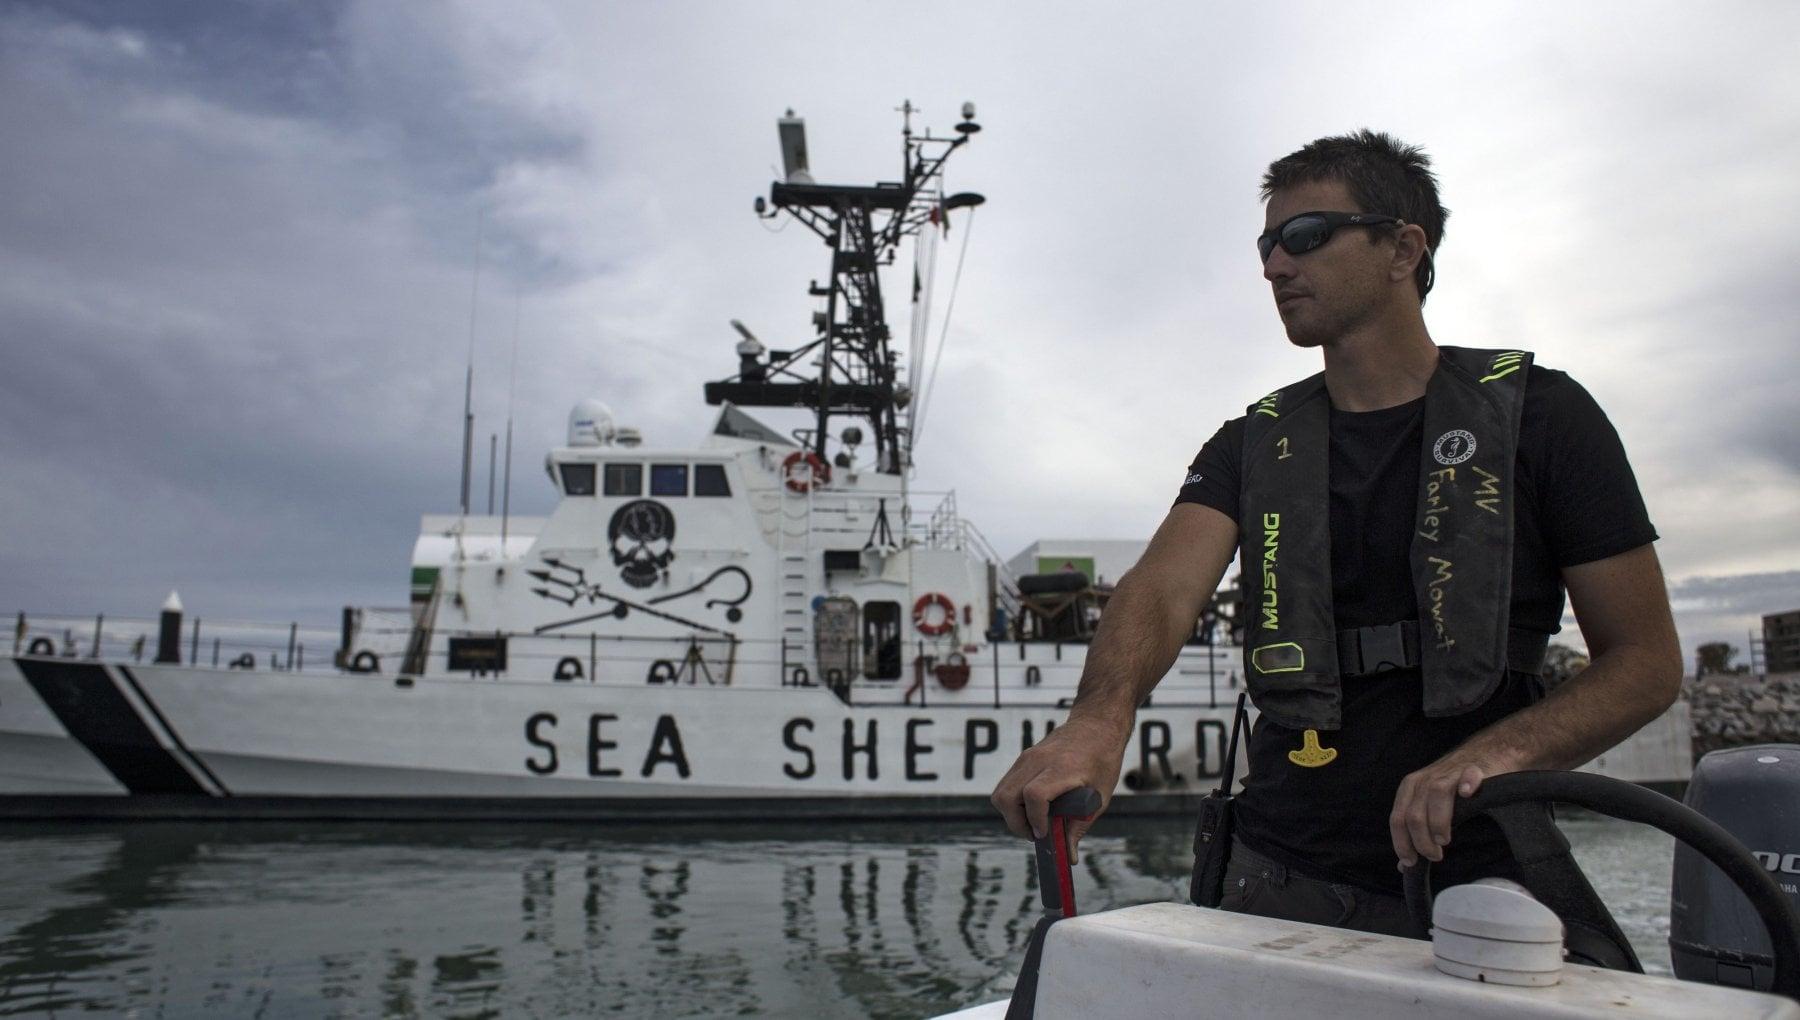 112246942 559c2055 031f 4b07 885f 18780ca6647a - Battaglia in mare con gli ambientalisti, muore un pescatore